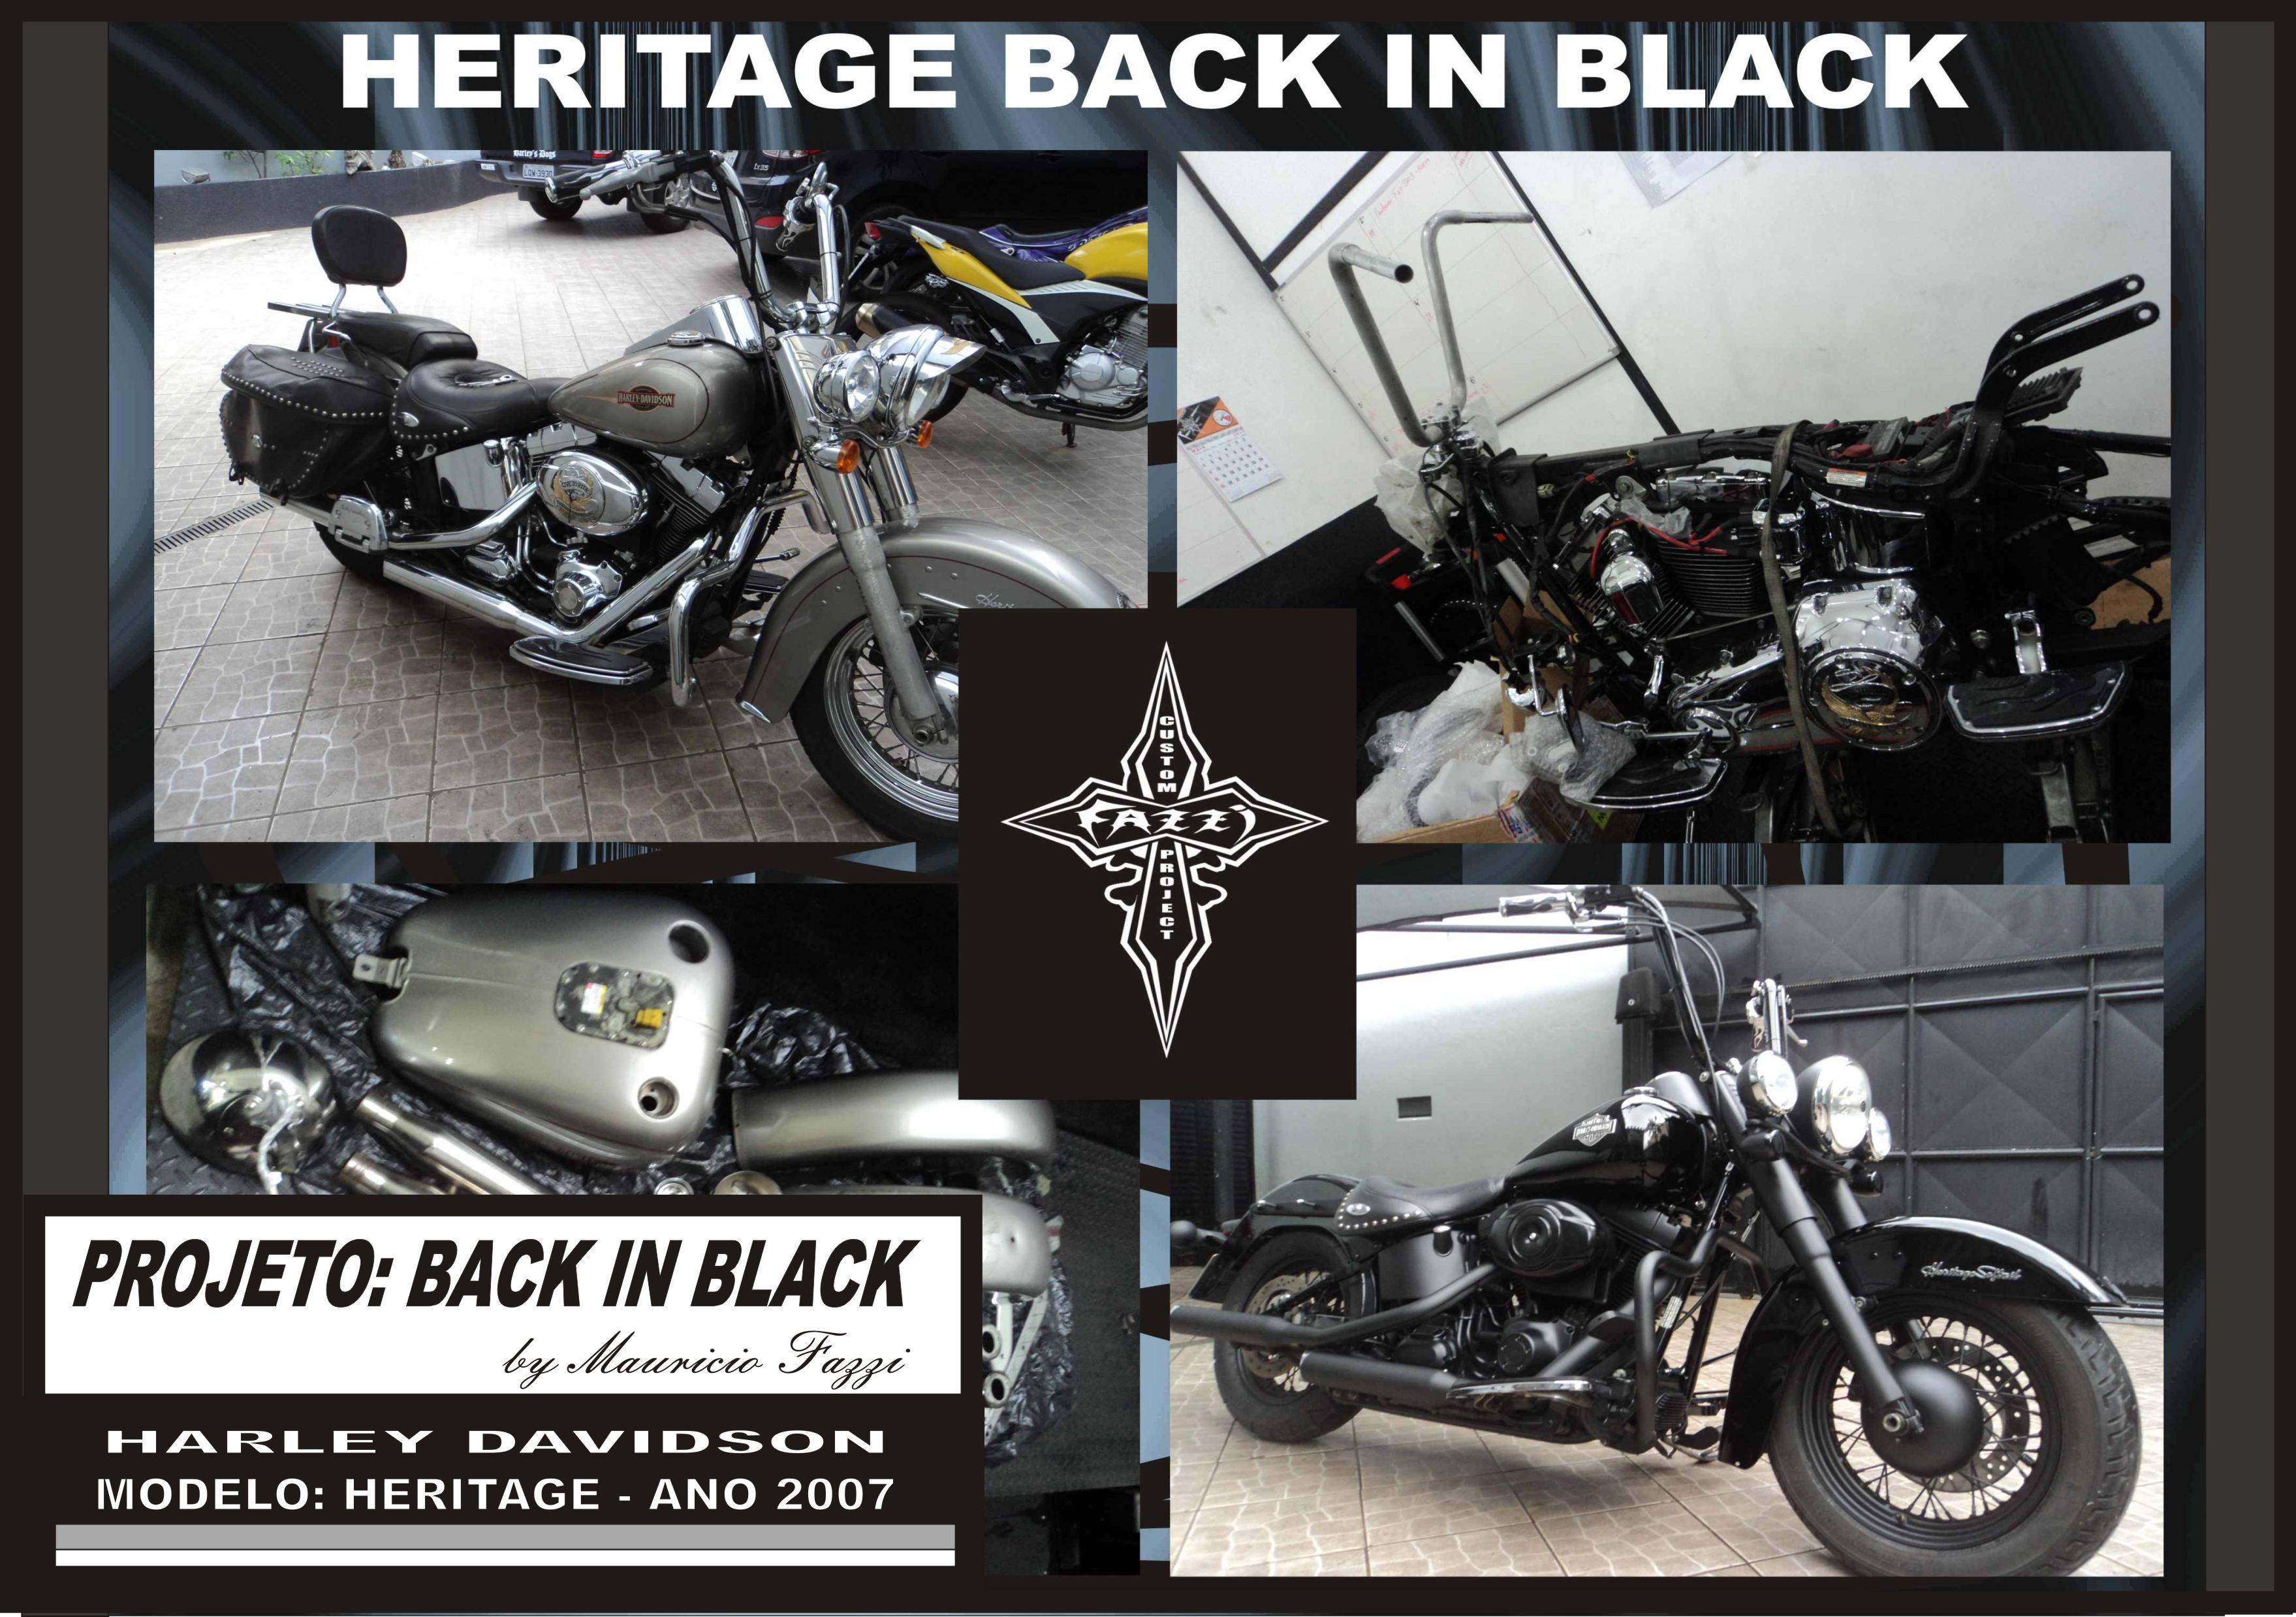 BACK IN BLACK - HERITAGE 2007